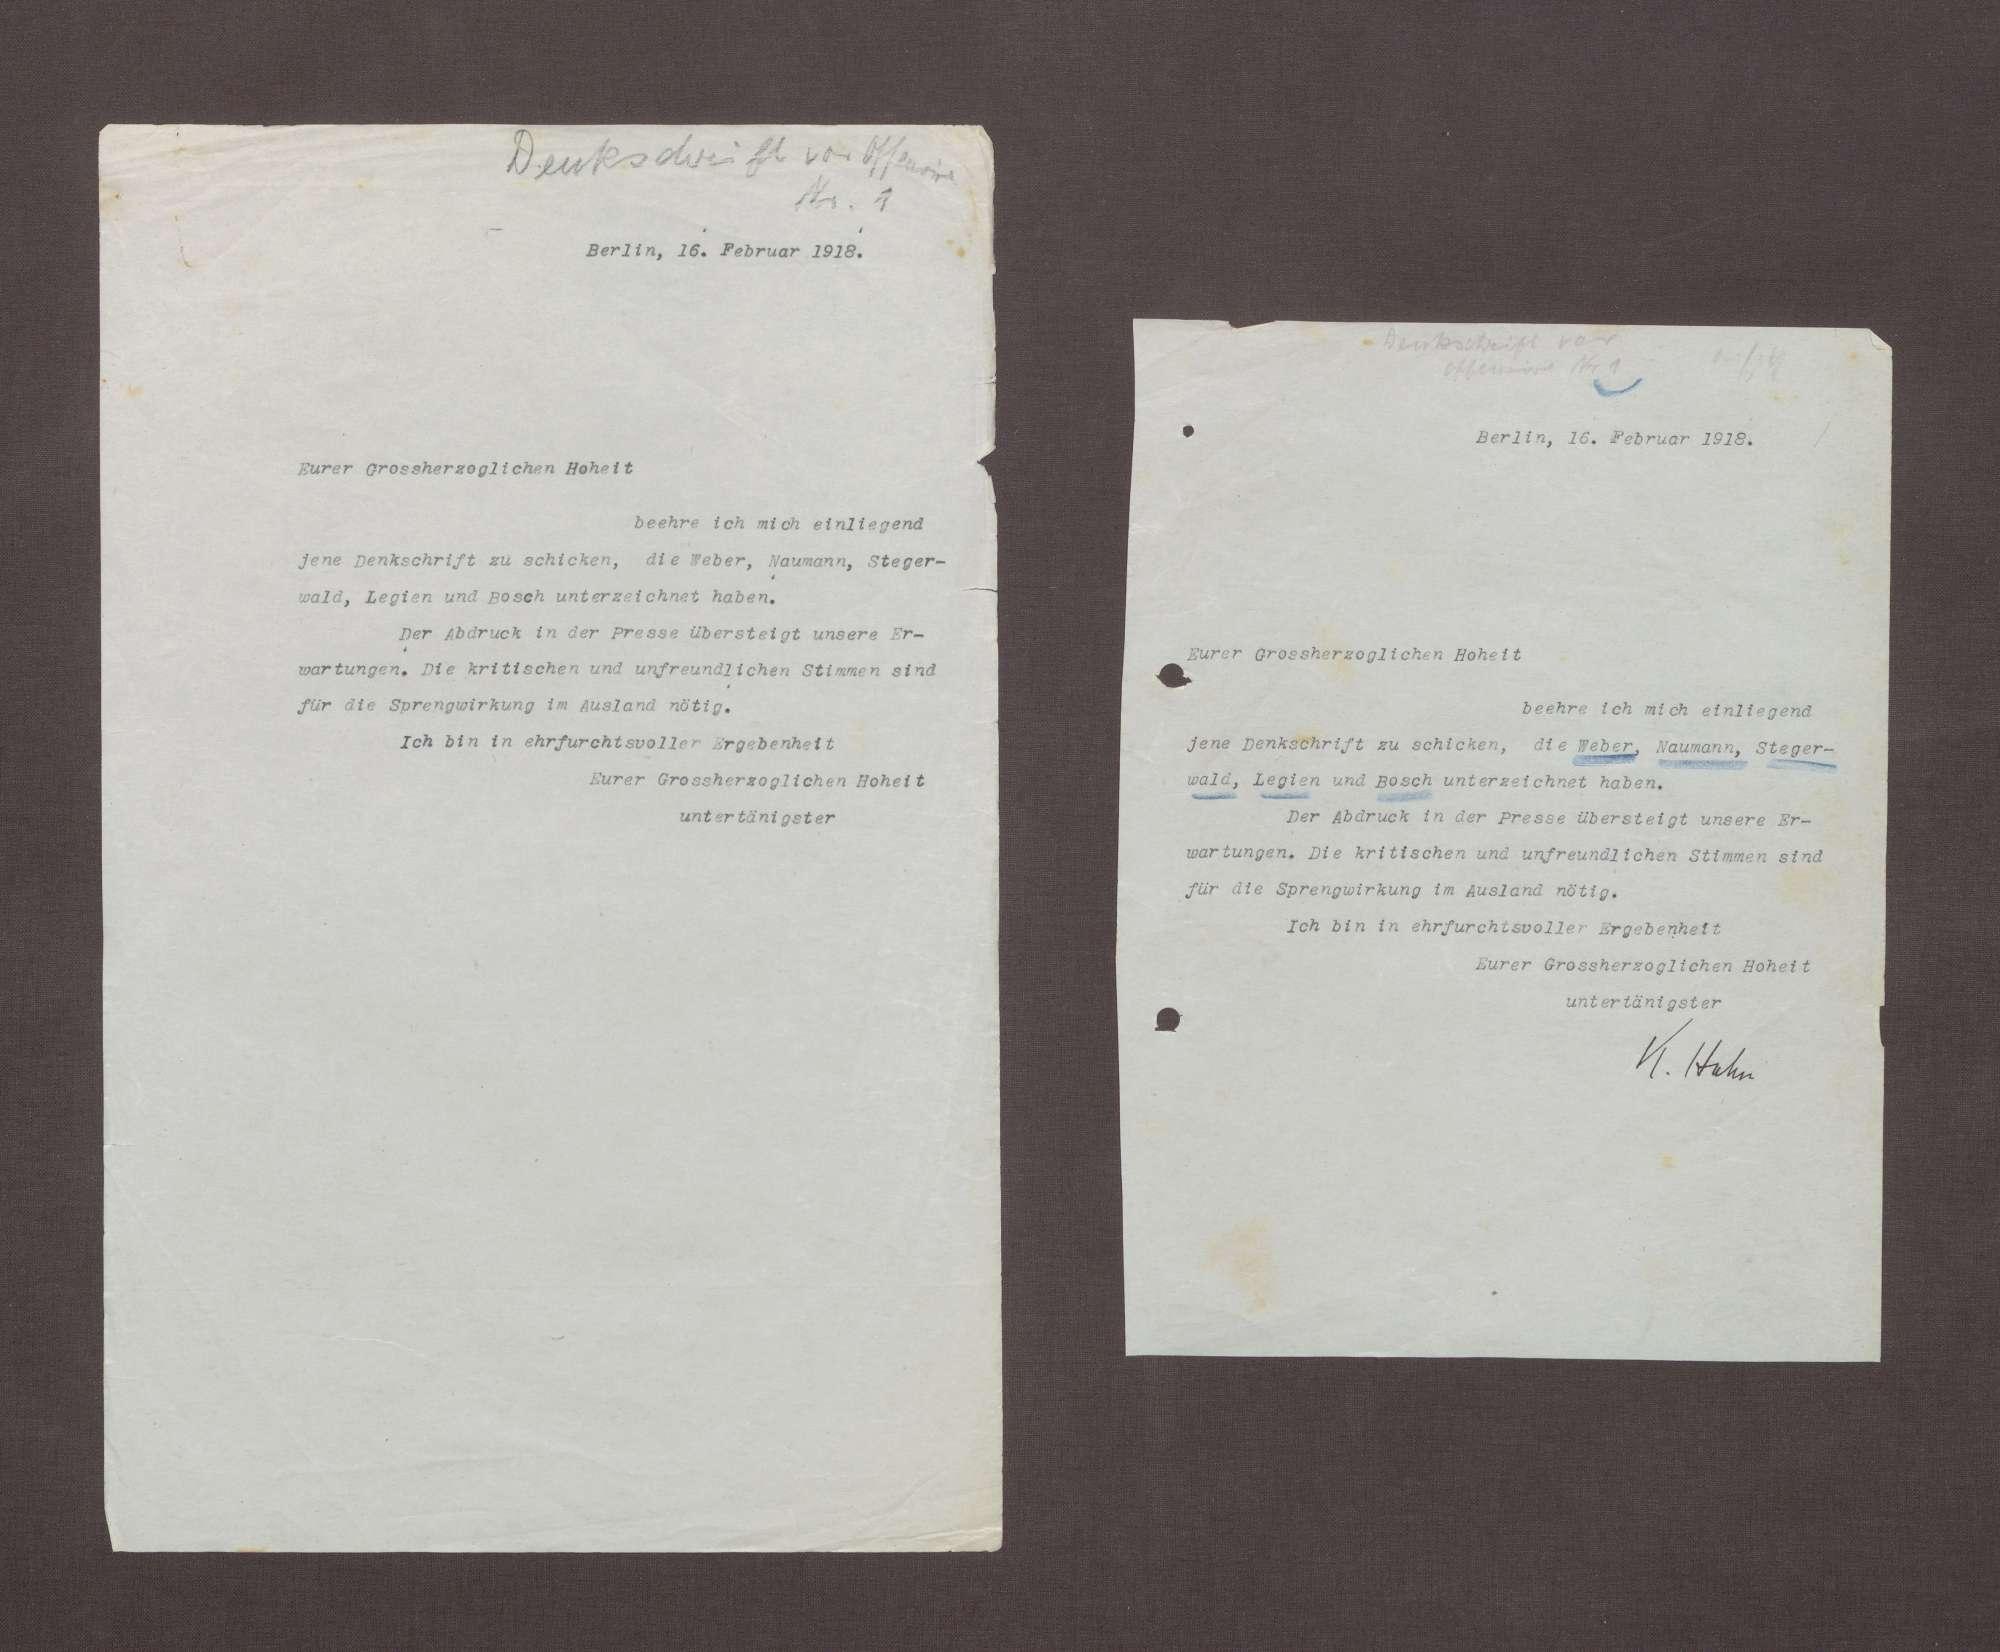 Schreiben von Kurt Hahn an Prinz Max von Baden; Zusendung einer Denkschrift von Max Weber, Friedrich Naumann, Adam Stegerwald, Carl Legien und Robert Bosch, Bild 1